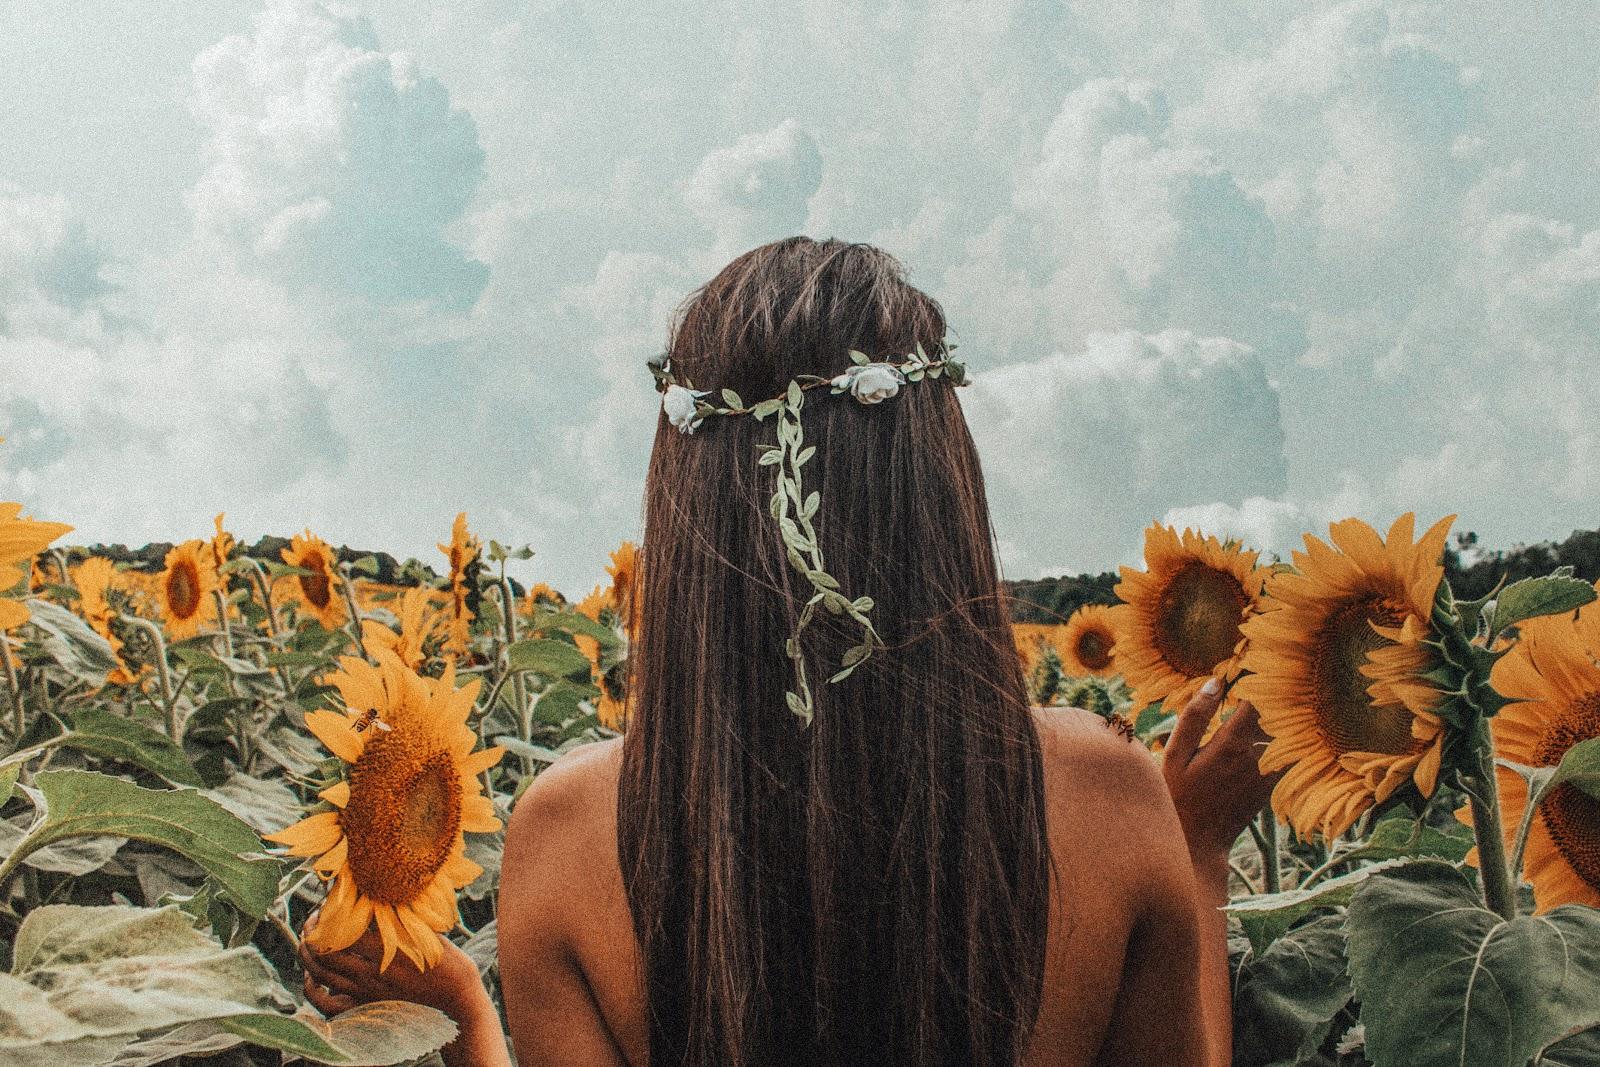 A hippie walks through a field of sunflowers.